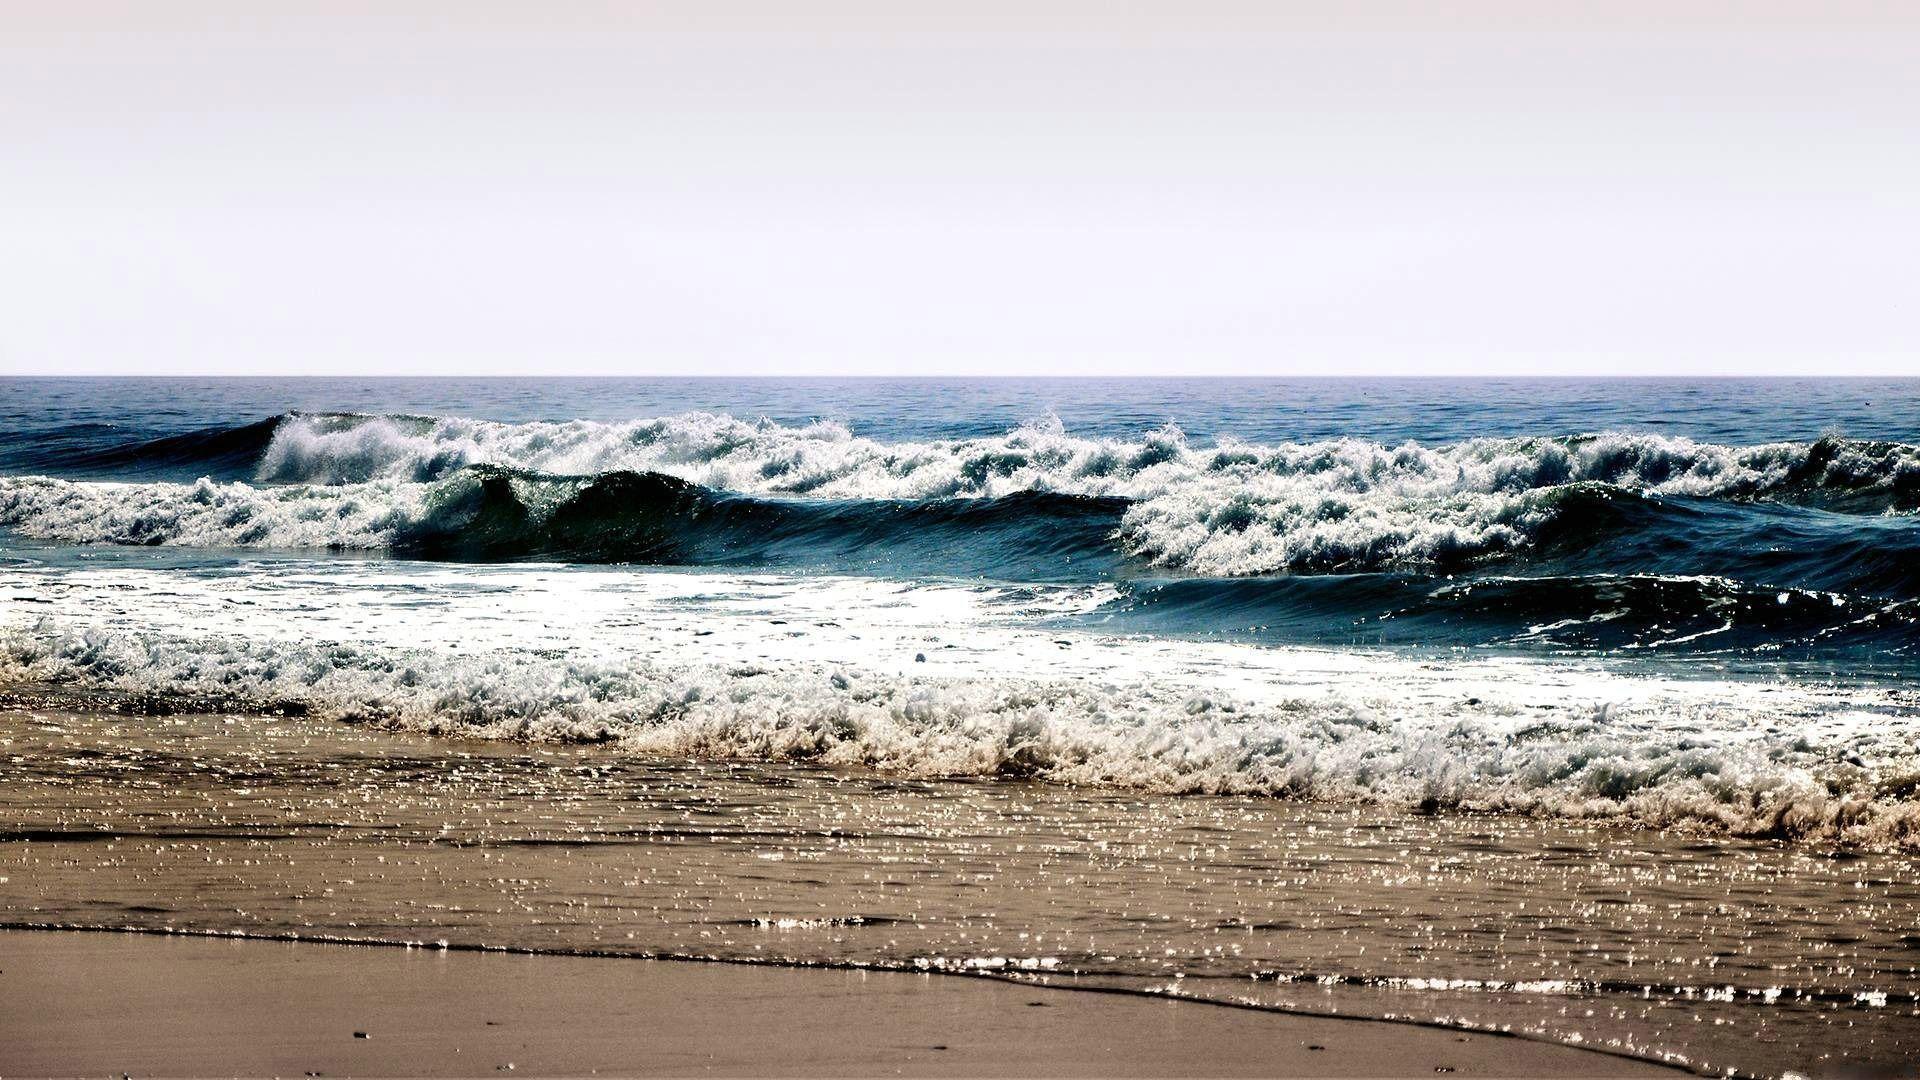 16993 скачать обои Пейзаж, Море, Волны, Пляж - заставки и картинки бесплатно